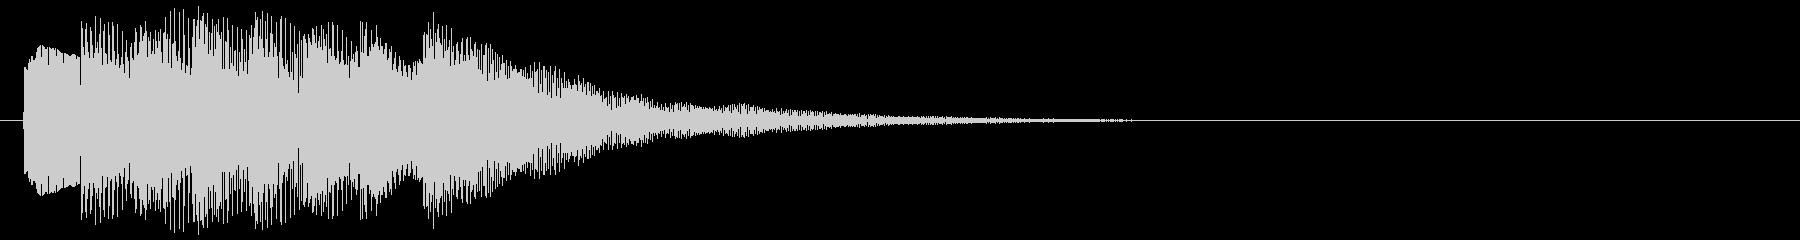 アラーム音09 キラキラ(maj)の未再生の波形